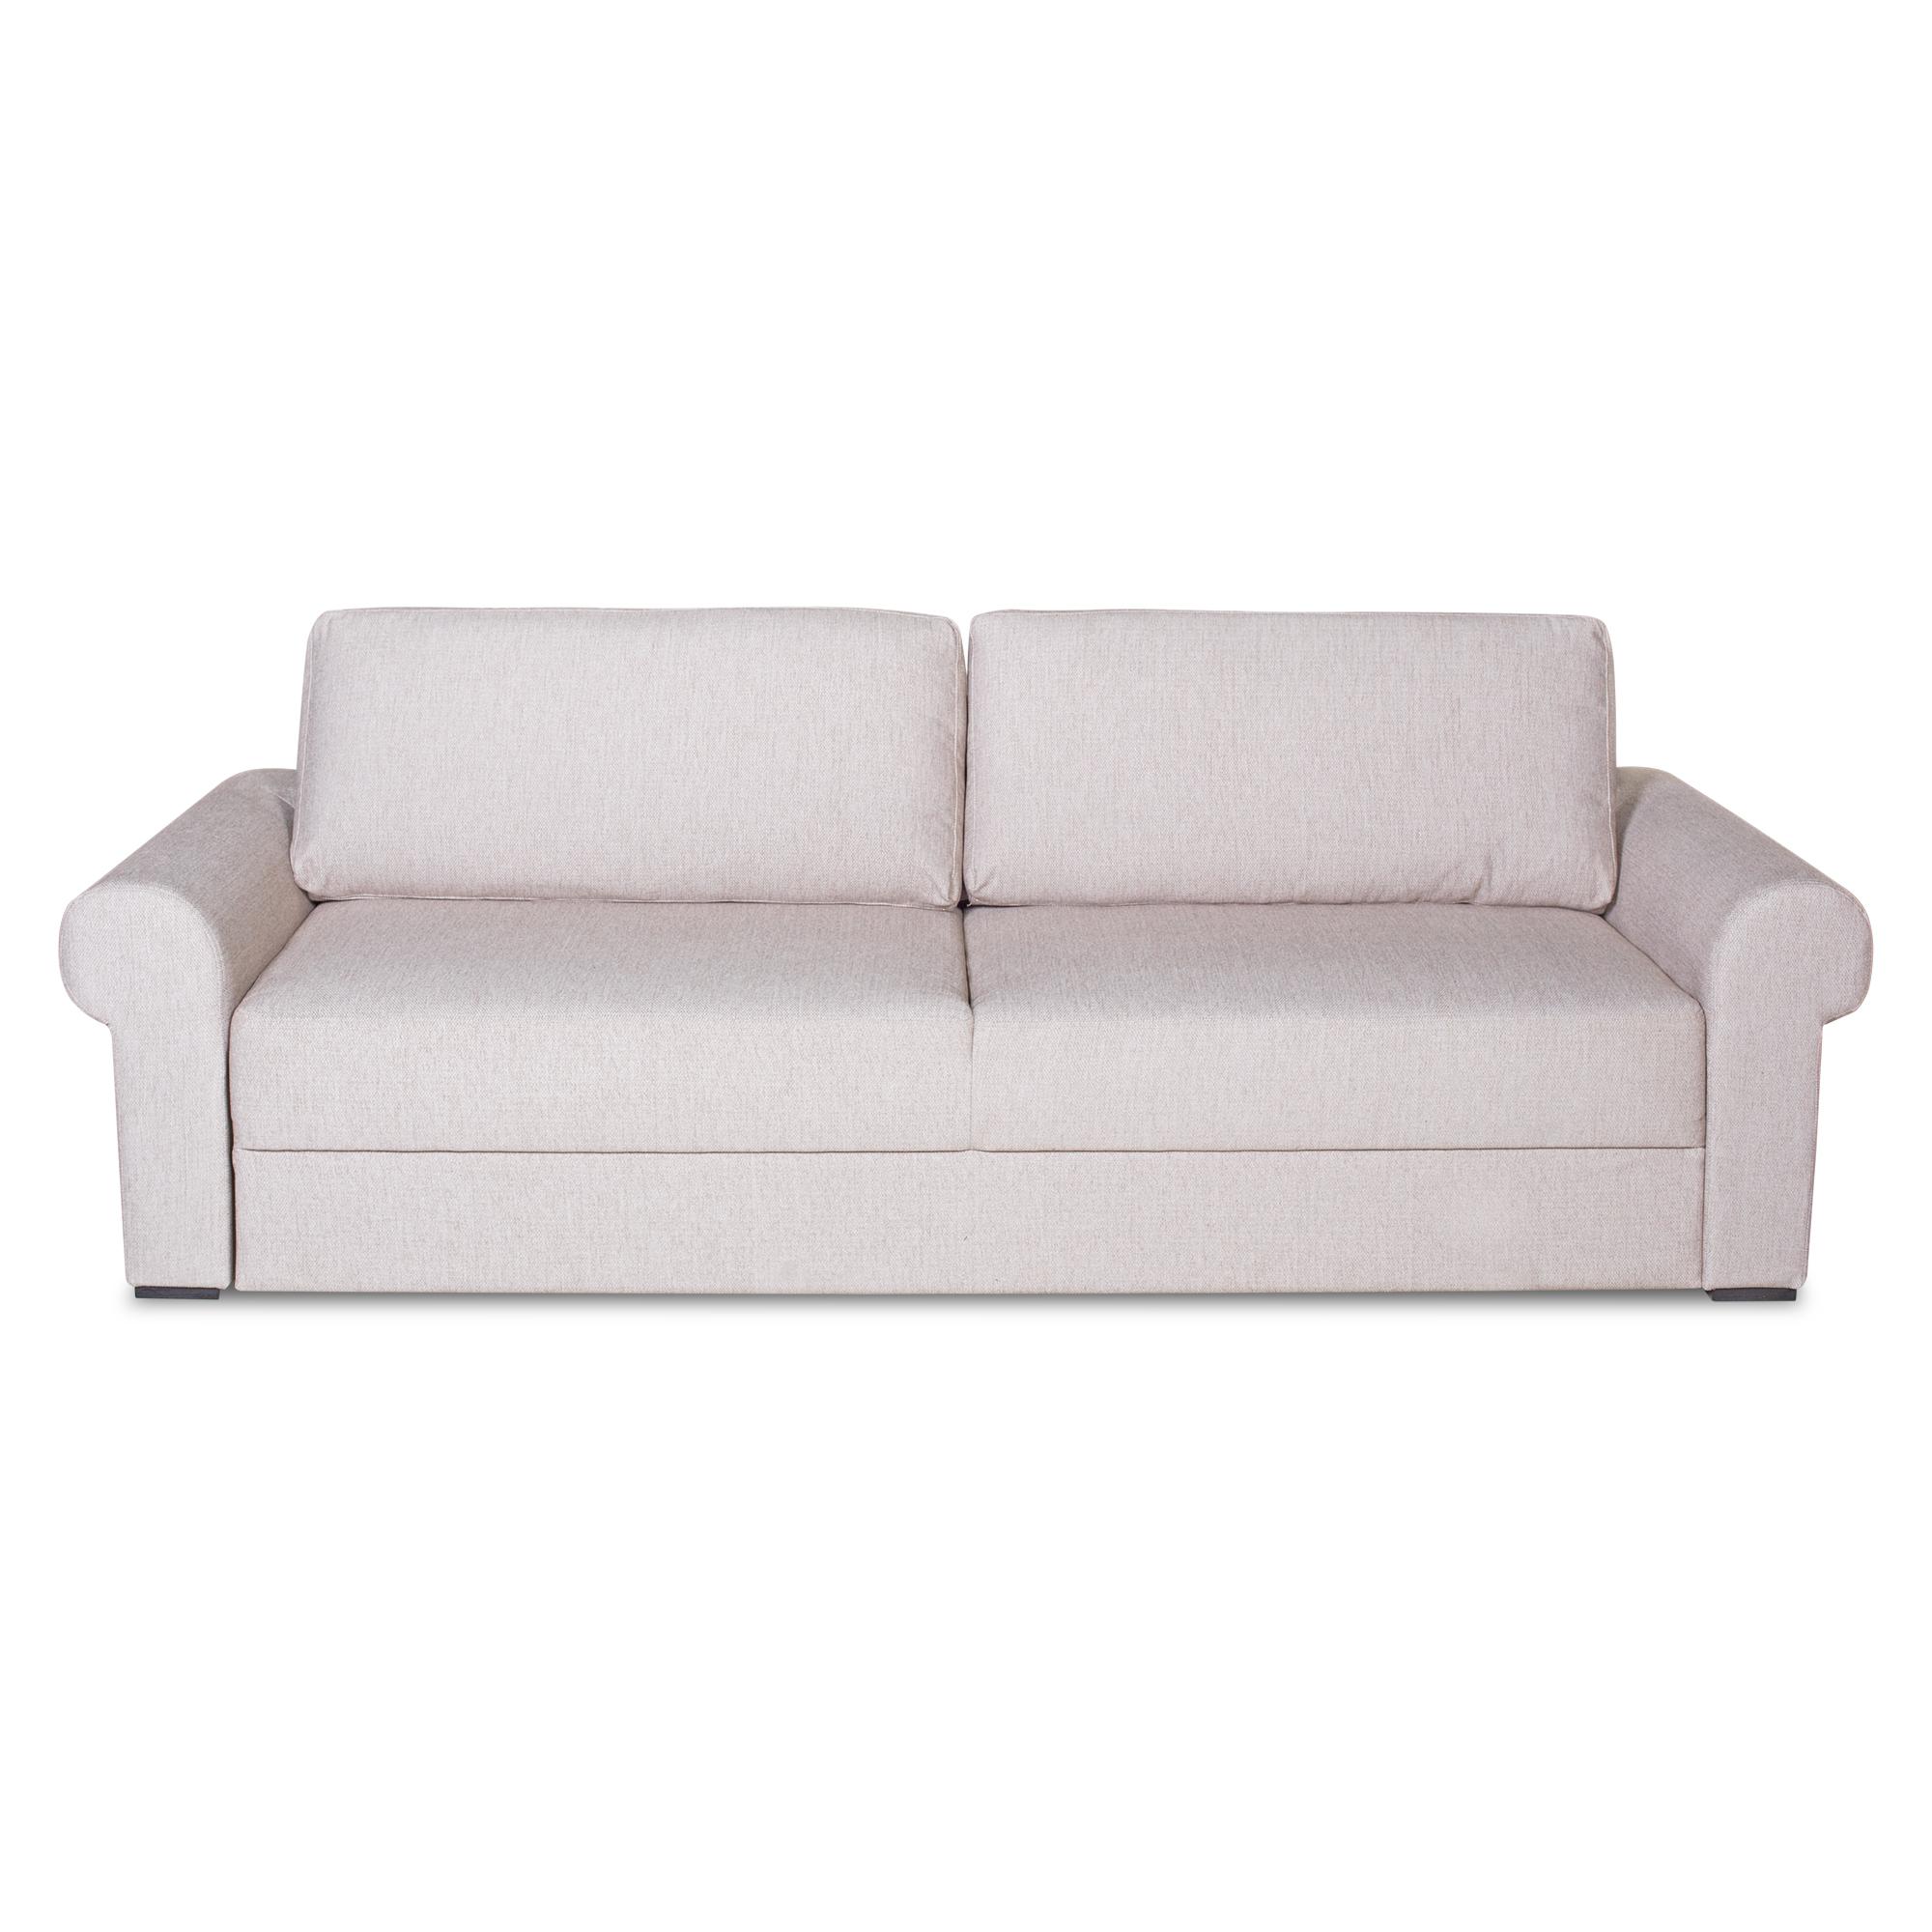 Диван-кровать ЭльдПрямые раскладные диваны<br>Лидер симпатий – это диван Эльд.  Диван с хорошей глубокой посадкой, мягкими подушками спинки и более упругим сидением. Благодаря качественному полиуретановому наполнителю диван Эльд будет дарить здоровый сон и хороший отдых долгие годы. Спальное место получается ровное и широкое. В диванах предусмотрены большие бельевые ящики для хранения, что очень функционально.&amp;amp;nbsp;&amp;lt;div&amp;gt;&amp;lt;br&amp;gt;&amp;lt;/div&amp;gt;&amp;lt;div&amp;gt;Каркас (комбинации дерева, фанеры и ЛДСП).&amp;amp;nbsp;&amp;lt;/div&amp;gt;&amp;lt;div&amp;gt;Для сидячих подушек используют пену различной плотности, а также перо и силиконовое волокно. Для задних подушек есть пять видов наполнения: пена, измельченая пена, пена высокой эластичности, силиконовые волокно.&amp;amp;nbsp;&amp;lt;/div&amp;gt;&amp;lt;div&amp;gt;Материал обивки:  Enzo (Полиэстер (полиэфир) - 100%).&amp;amp;nbsp;&amp;lt;/div&amp;gt;&amp;lt;div&amp;gt;Механизм трансформации - тик-так.&amp;amp;nbsp;&amp;lt;/div&amp;gt;&amp;lt;div&amp;gt;Спальное место -  190*200.&amp;lt;/div&amp;gt;<br><br>Material: Текстиль<br>Ширина см: 246.0<br>Высота см: 86.0<br>Глубина см: 95.0